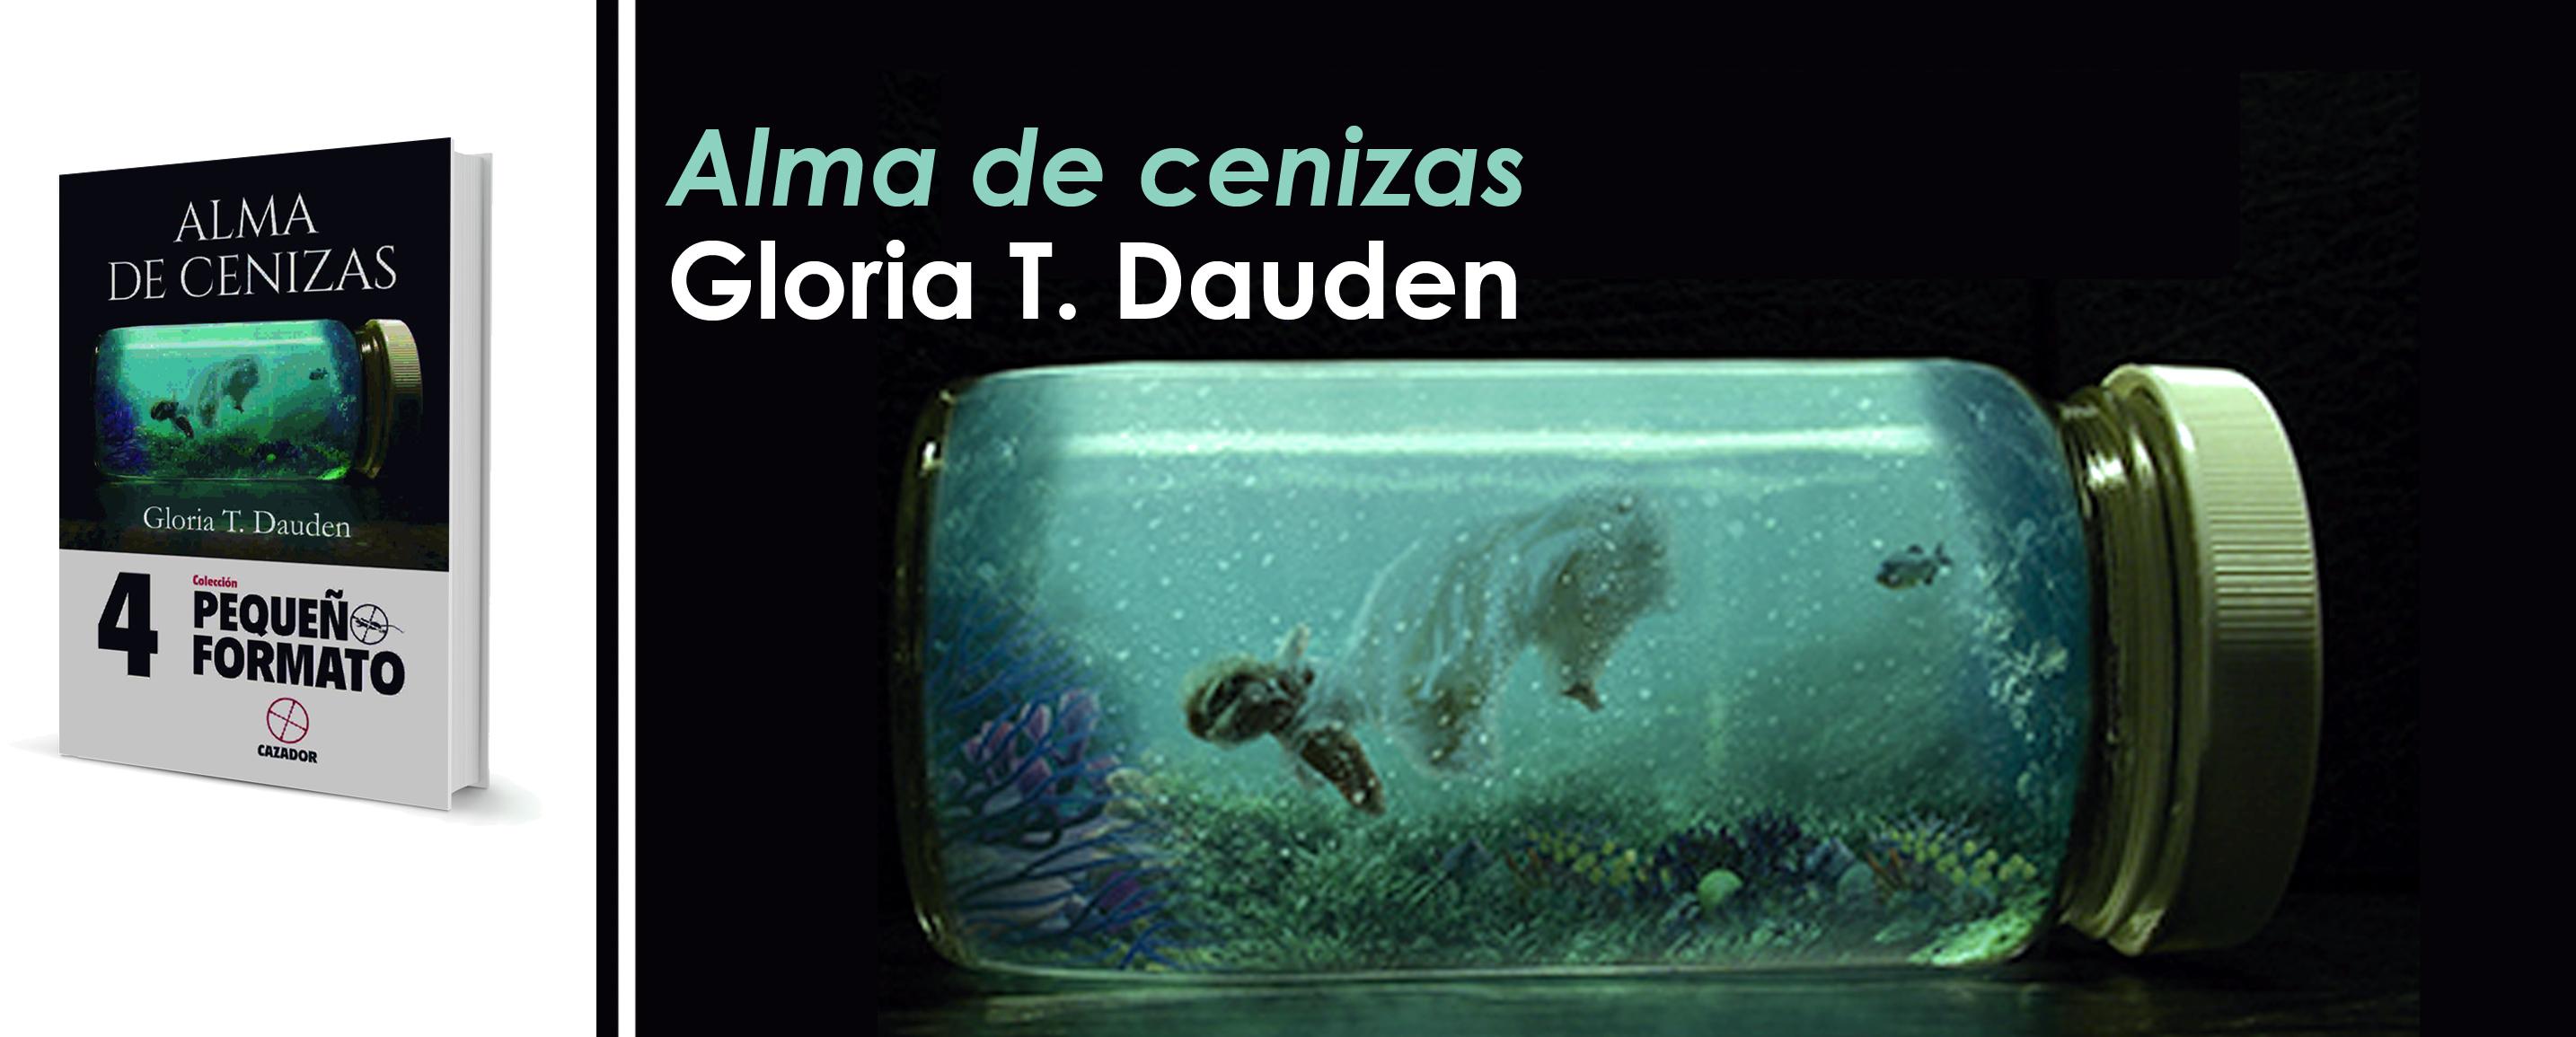 """Crítica a """"Alma de cenizas"""", de Gloria T. Dauden"""